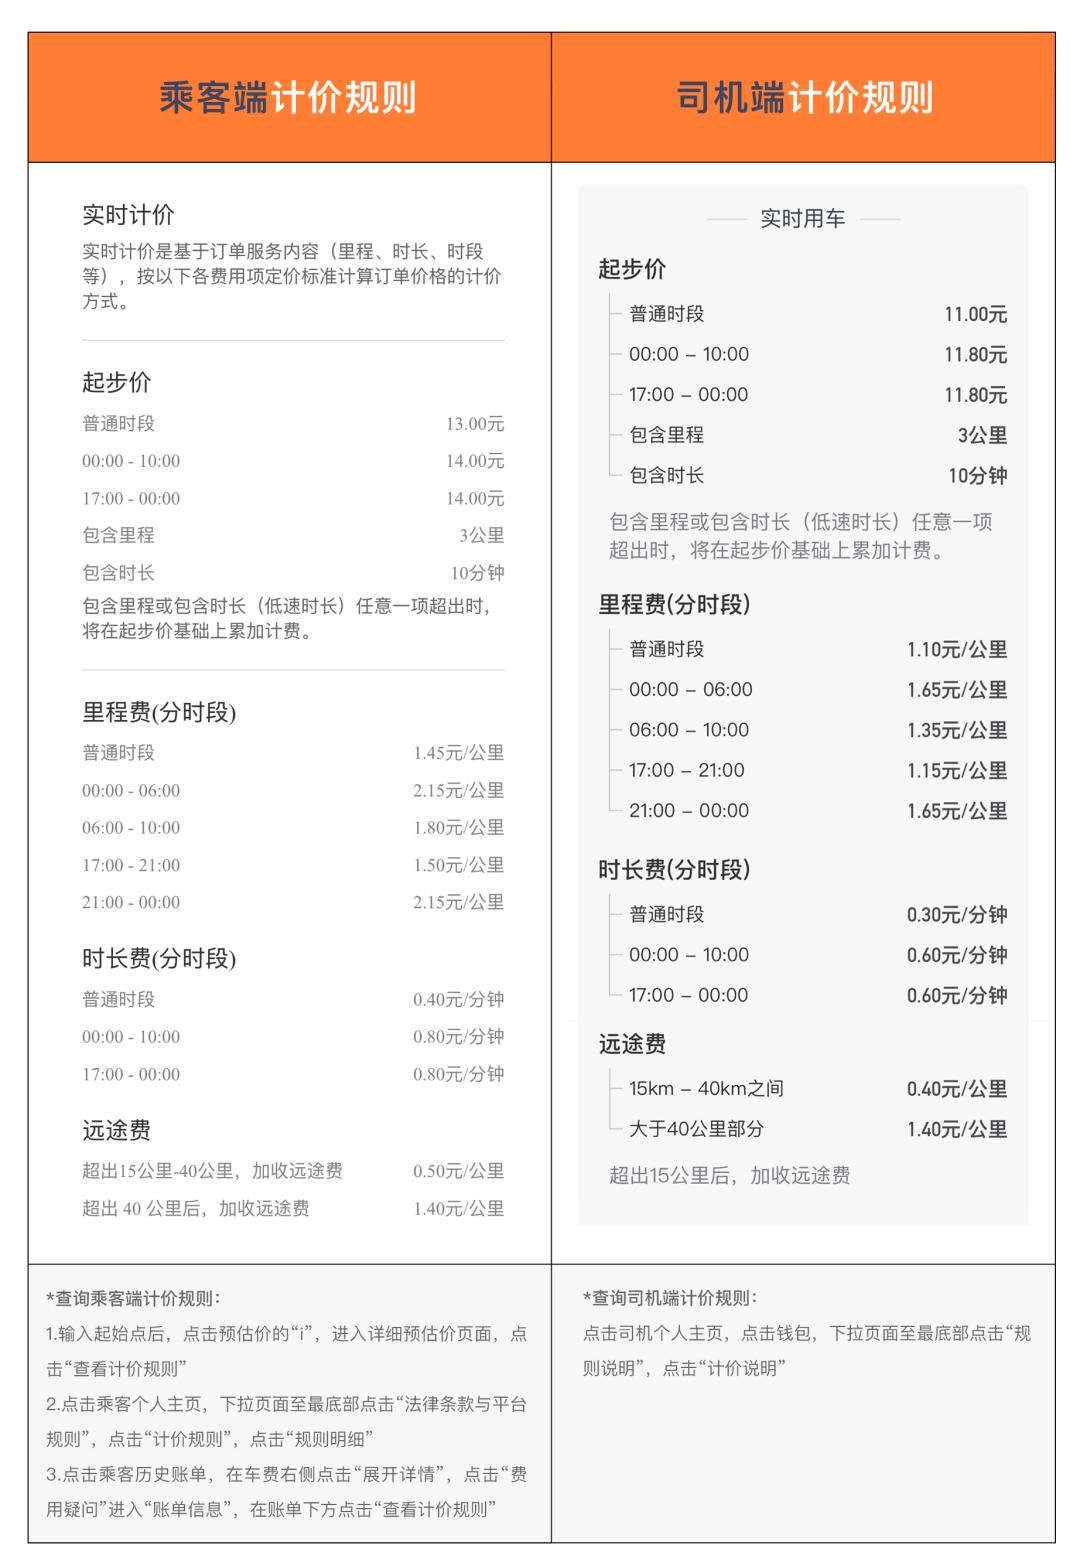 图2:乘客端和司机端计价规则(北京快车)